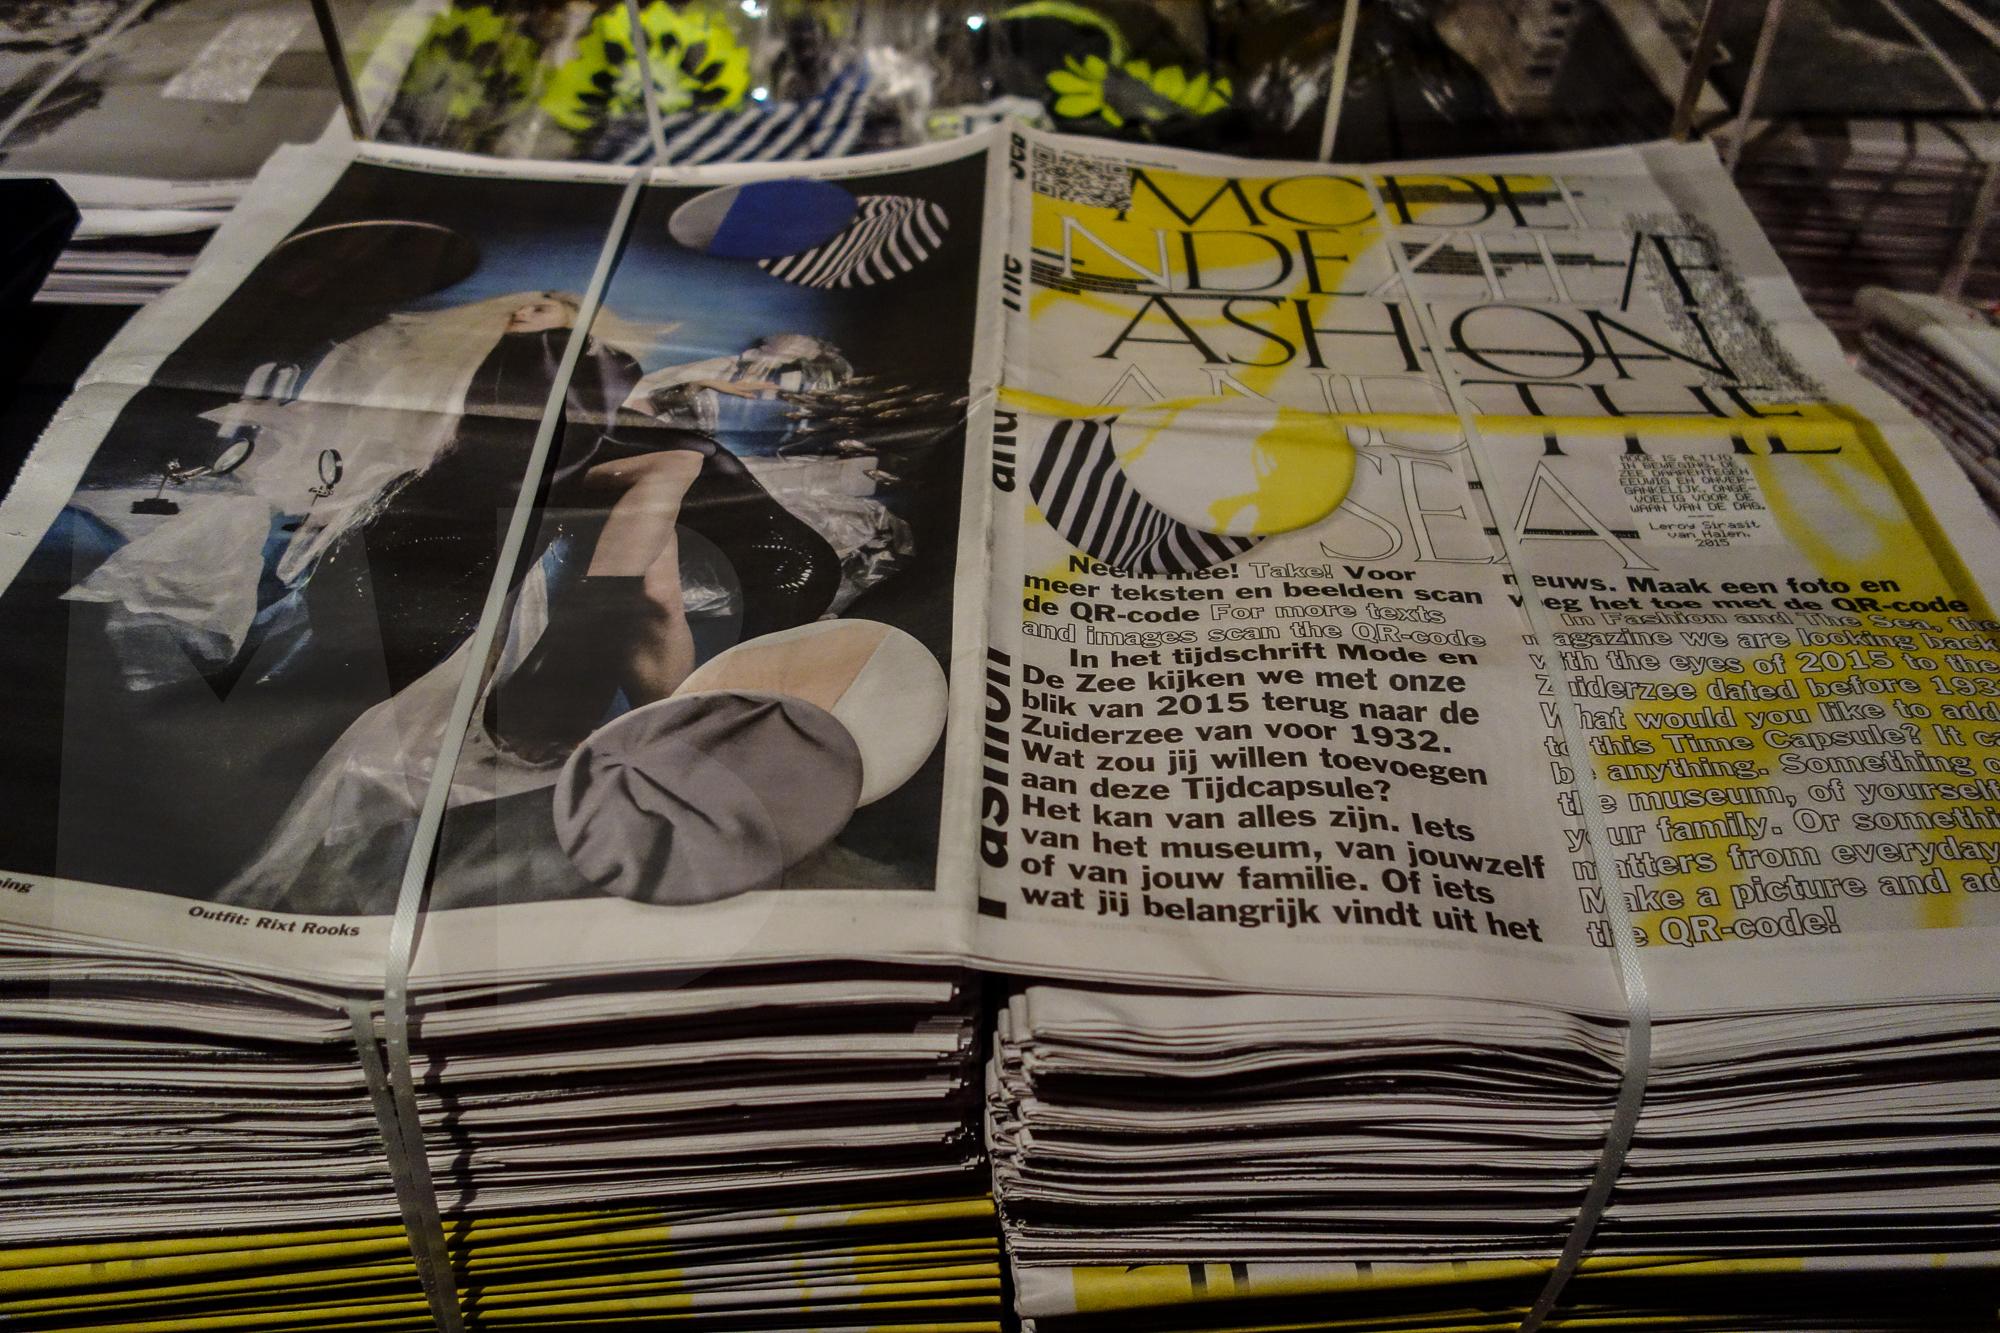 fashion and the sea magazine